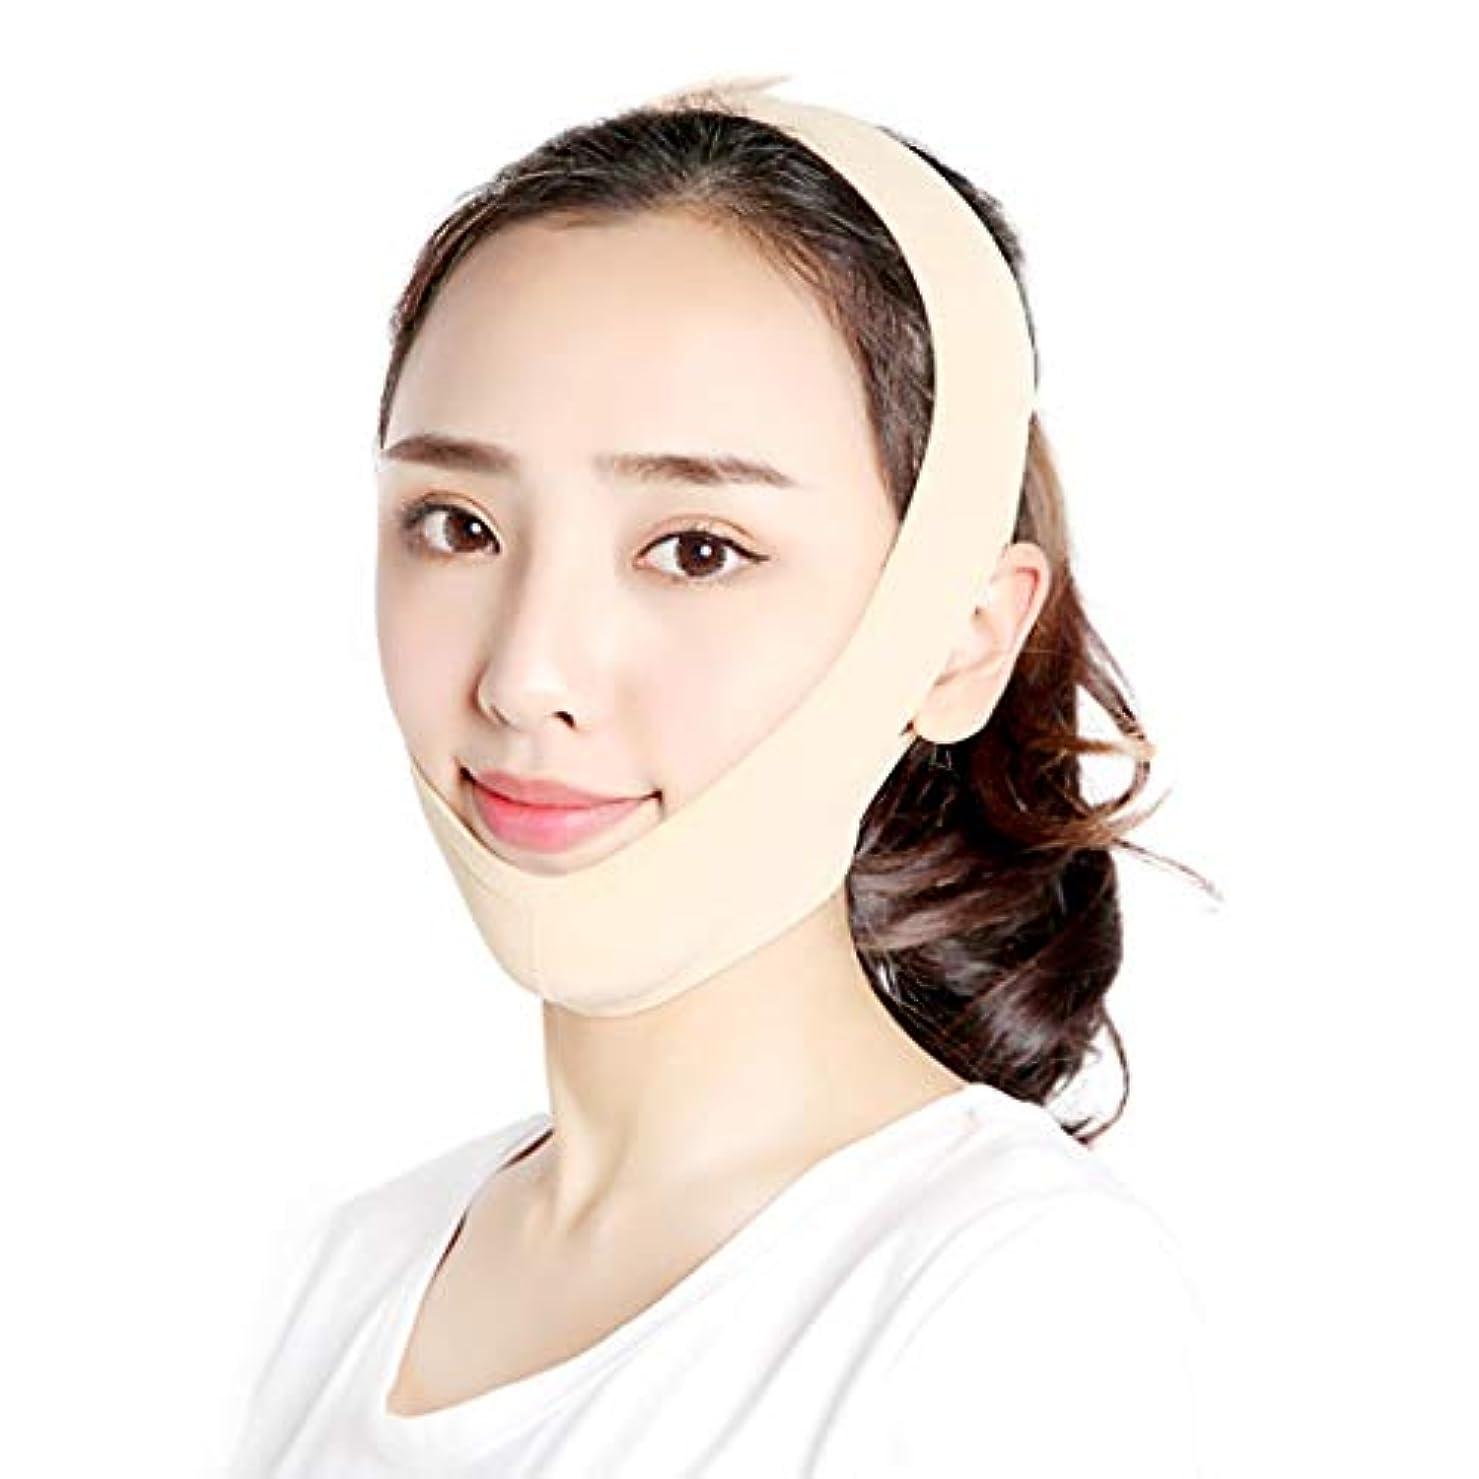 トピック幹グラマーZWBD フェイスマスク, フェイスリフティング包帯V字型マスクヘッドギアフェイシャルリフティングシェイピングリフティング引き締め (Size : XL)